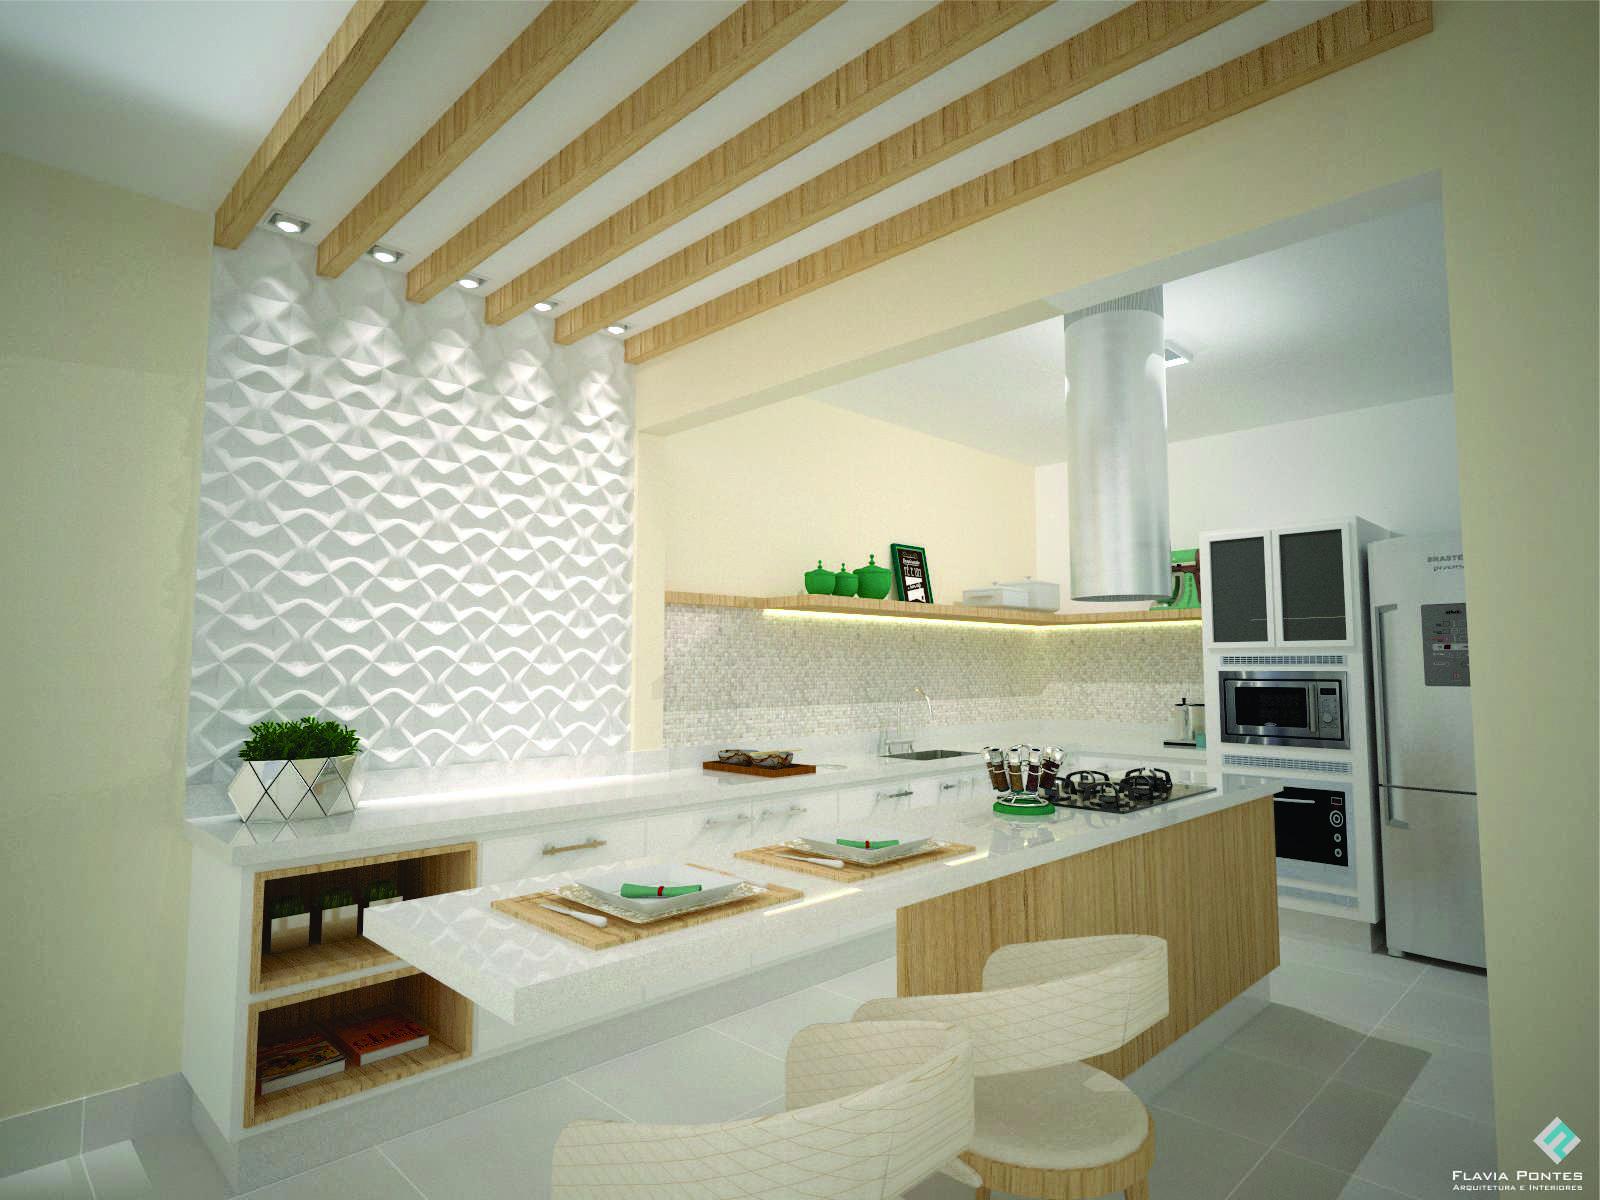 Projetos De Cozinhas Com Ilha Central With Ilha Cozinha Em Um